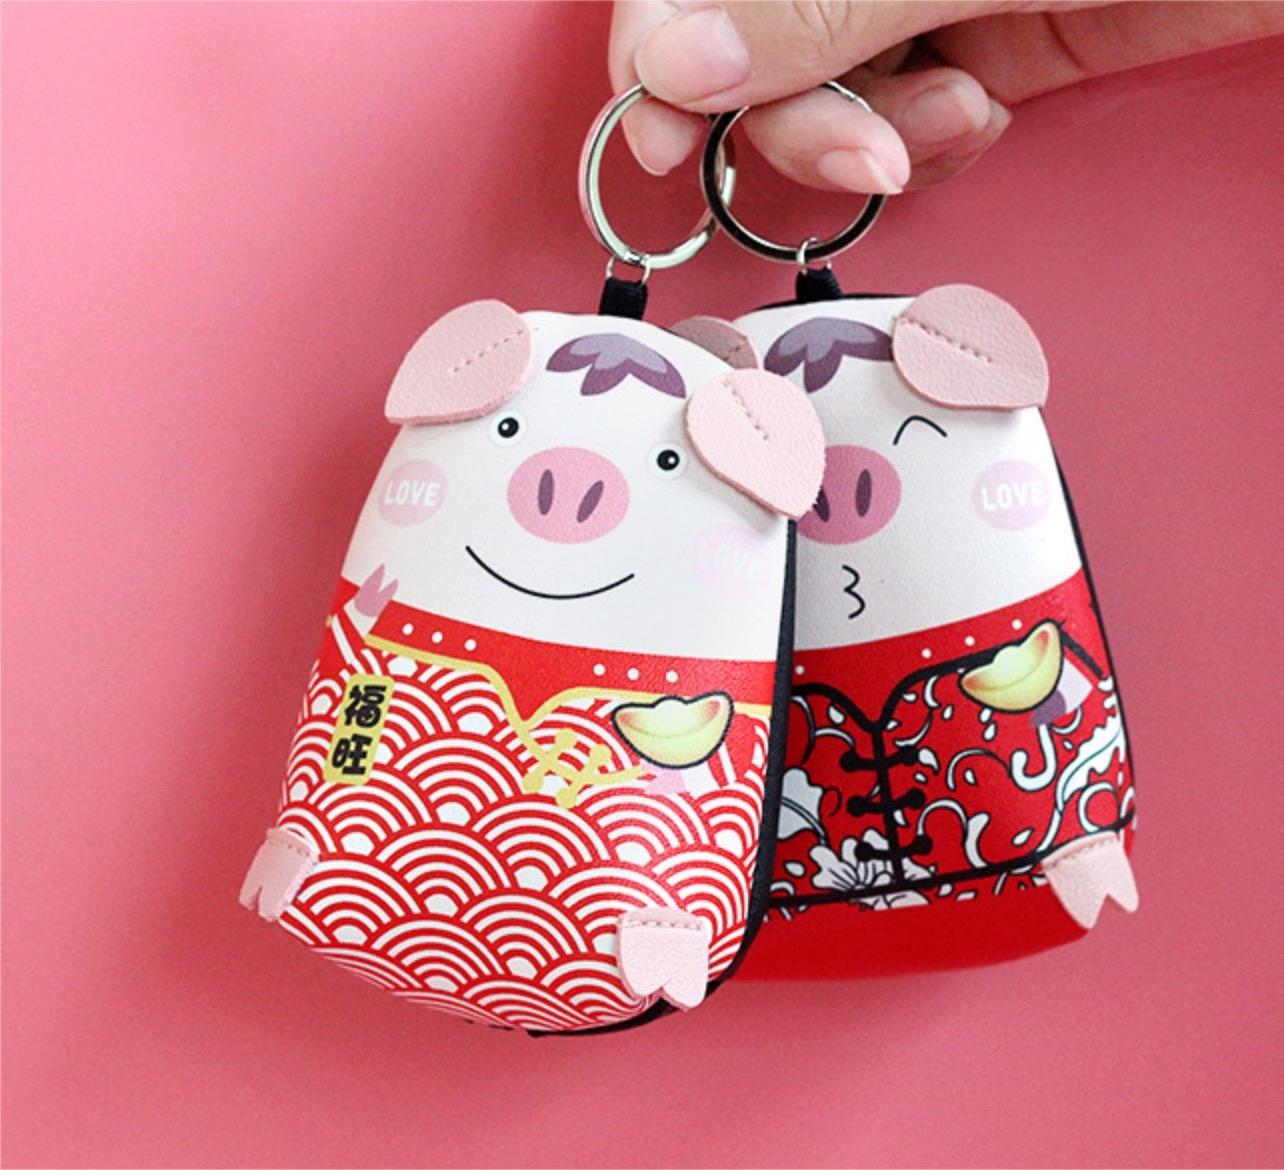 新年吉祥 福氣小豬零錢包 PU材質 防水耐髒 鑰匙包 小錢包